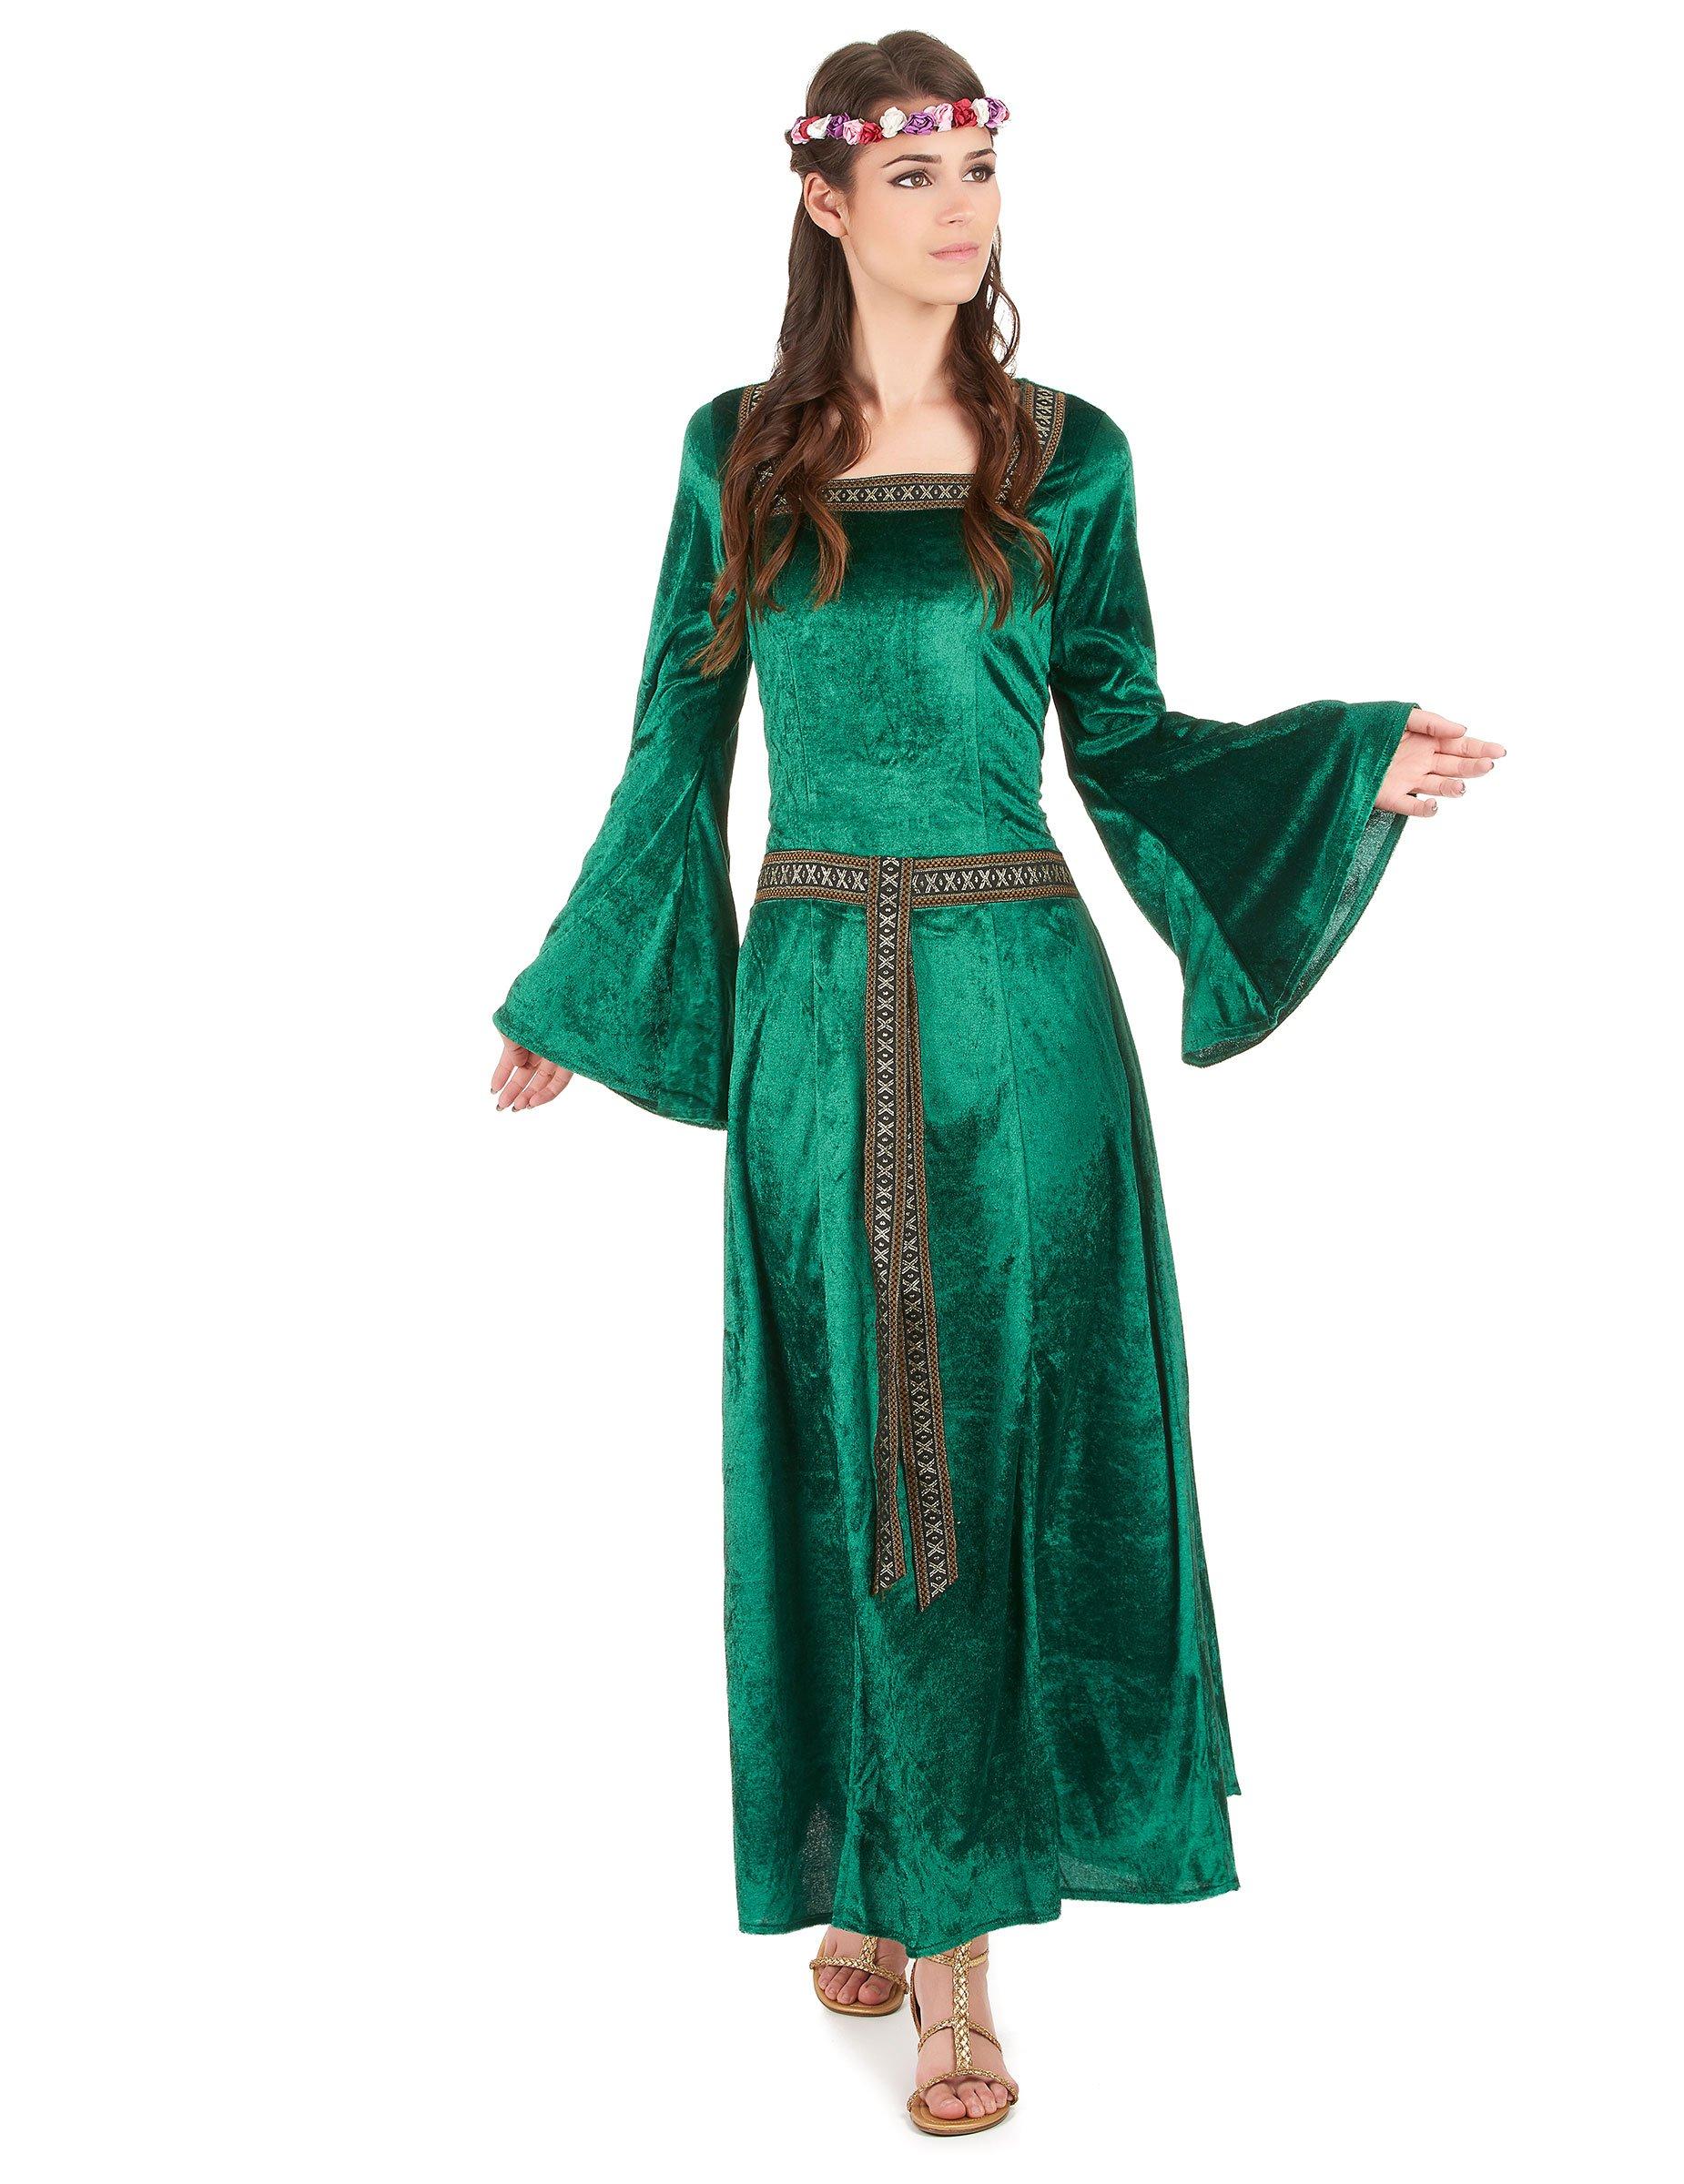 Mittelalter Kostume Fur Erwachsene Und Burgfraulein Kostum Online